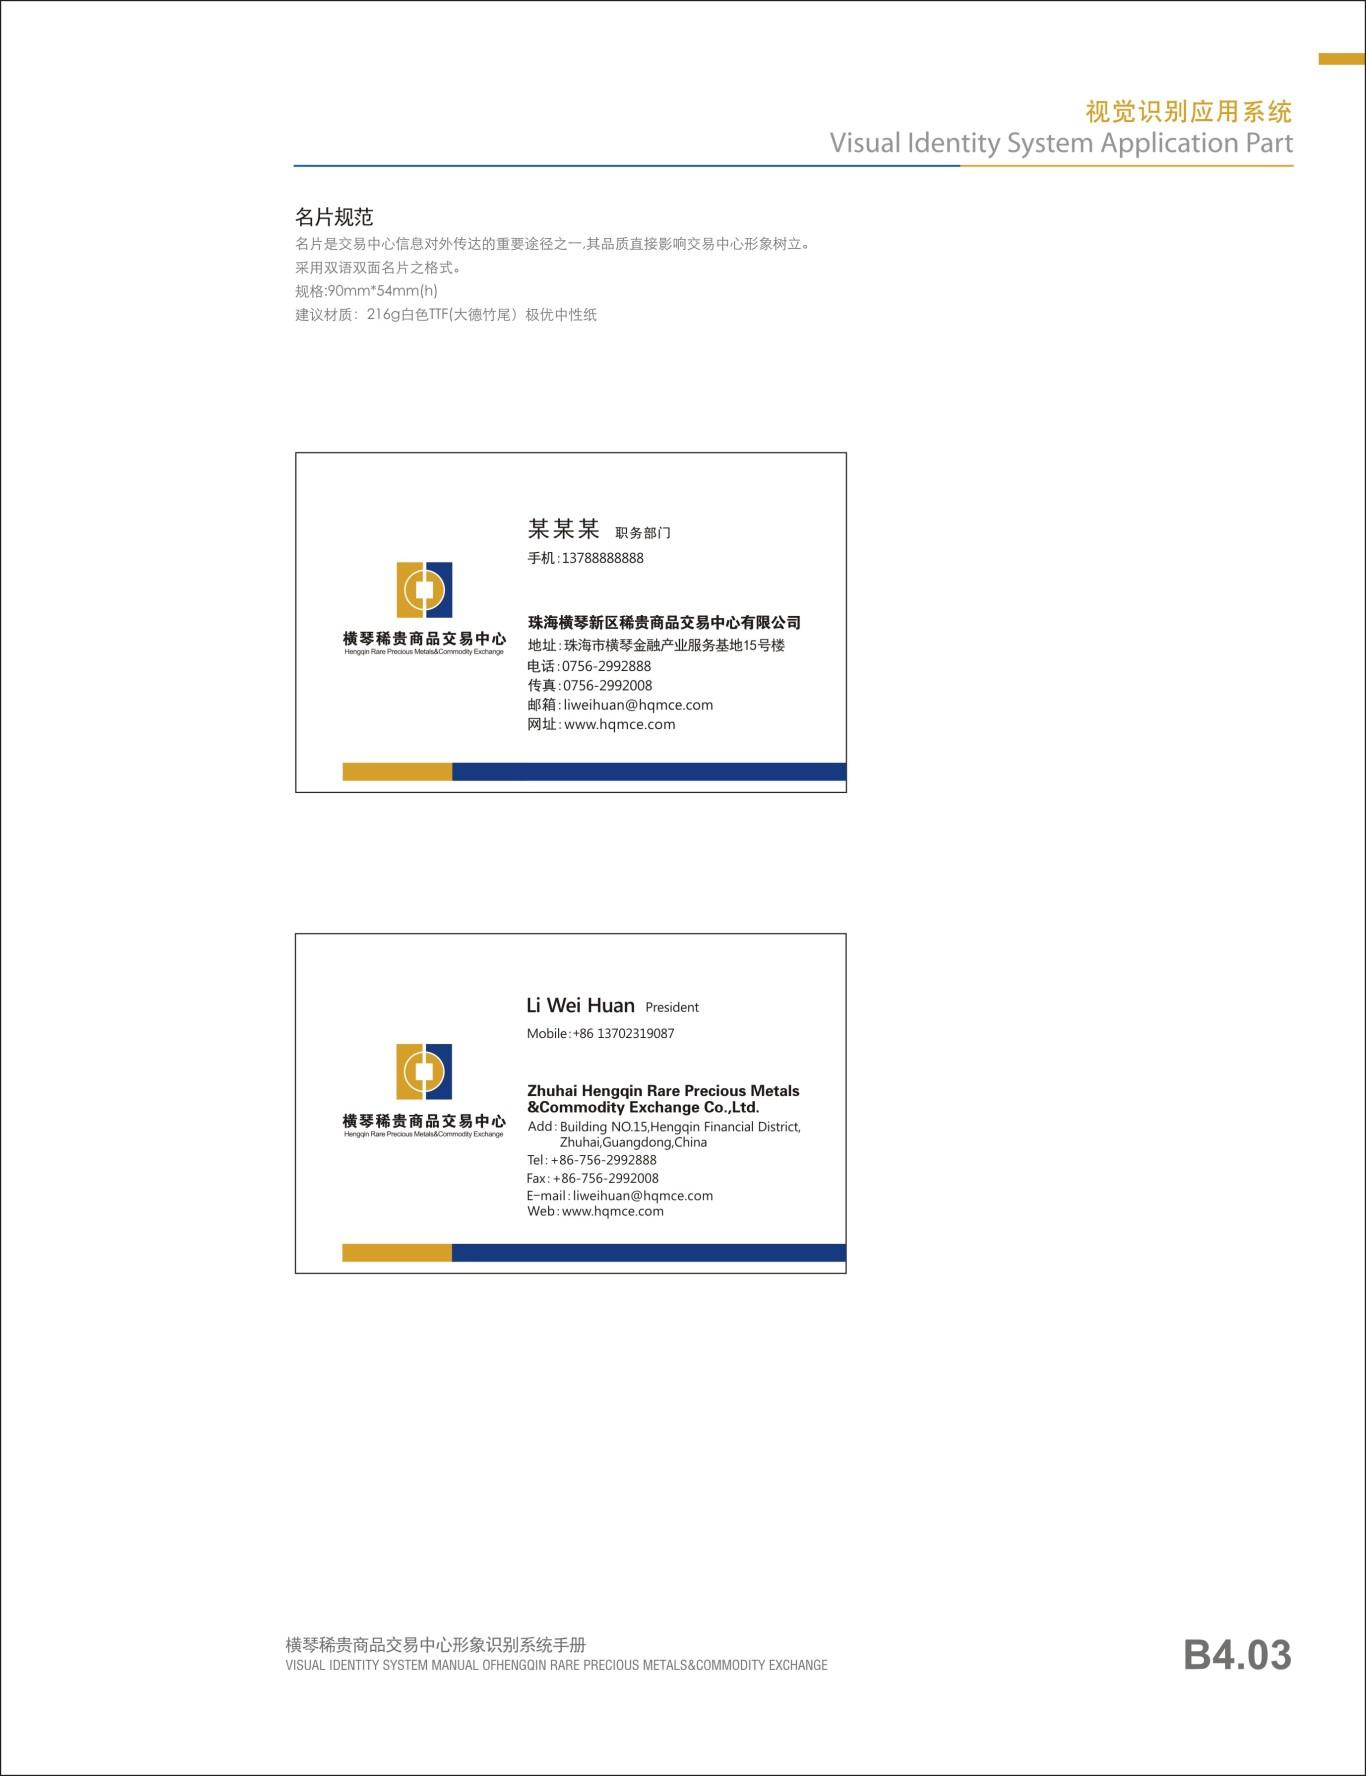 贵金属行业横琴稀贵VI手册设计图17